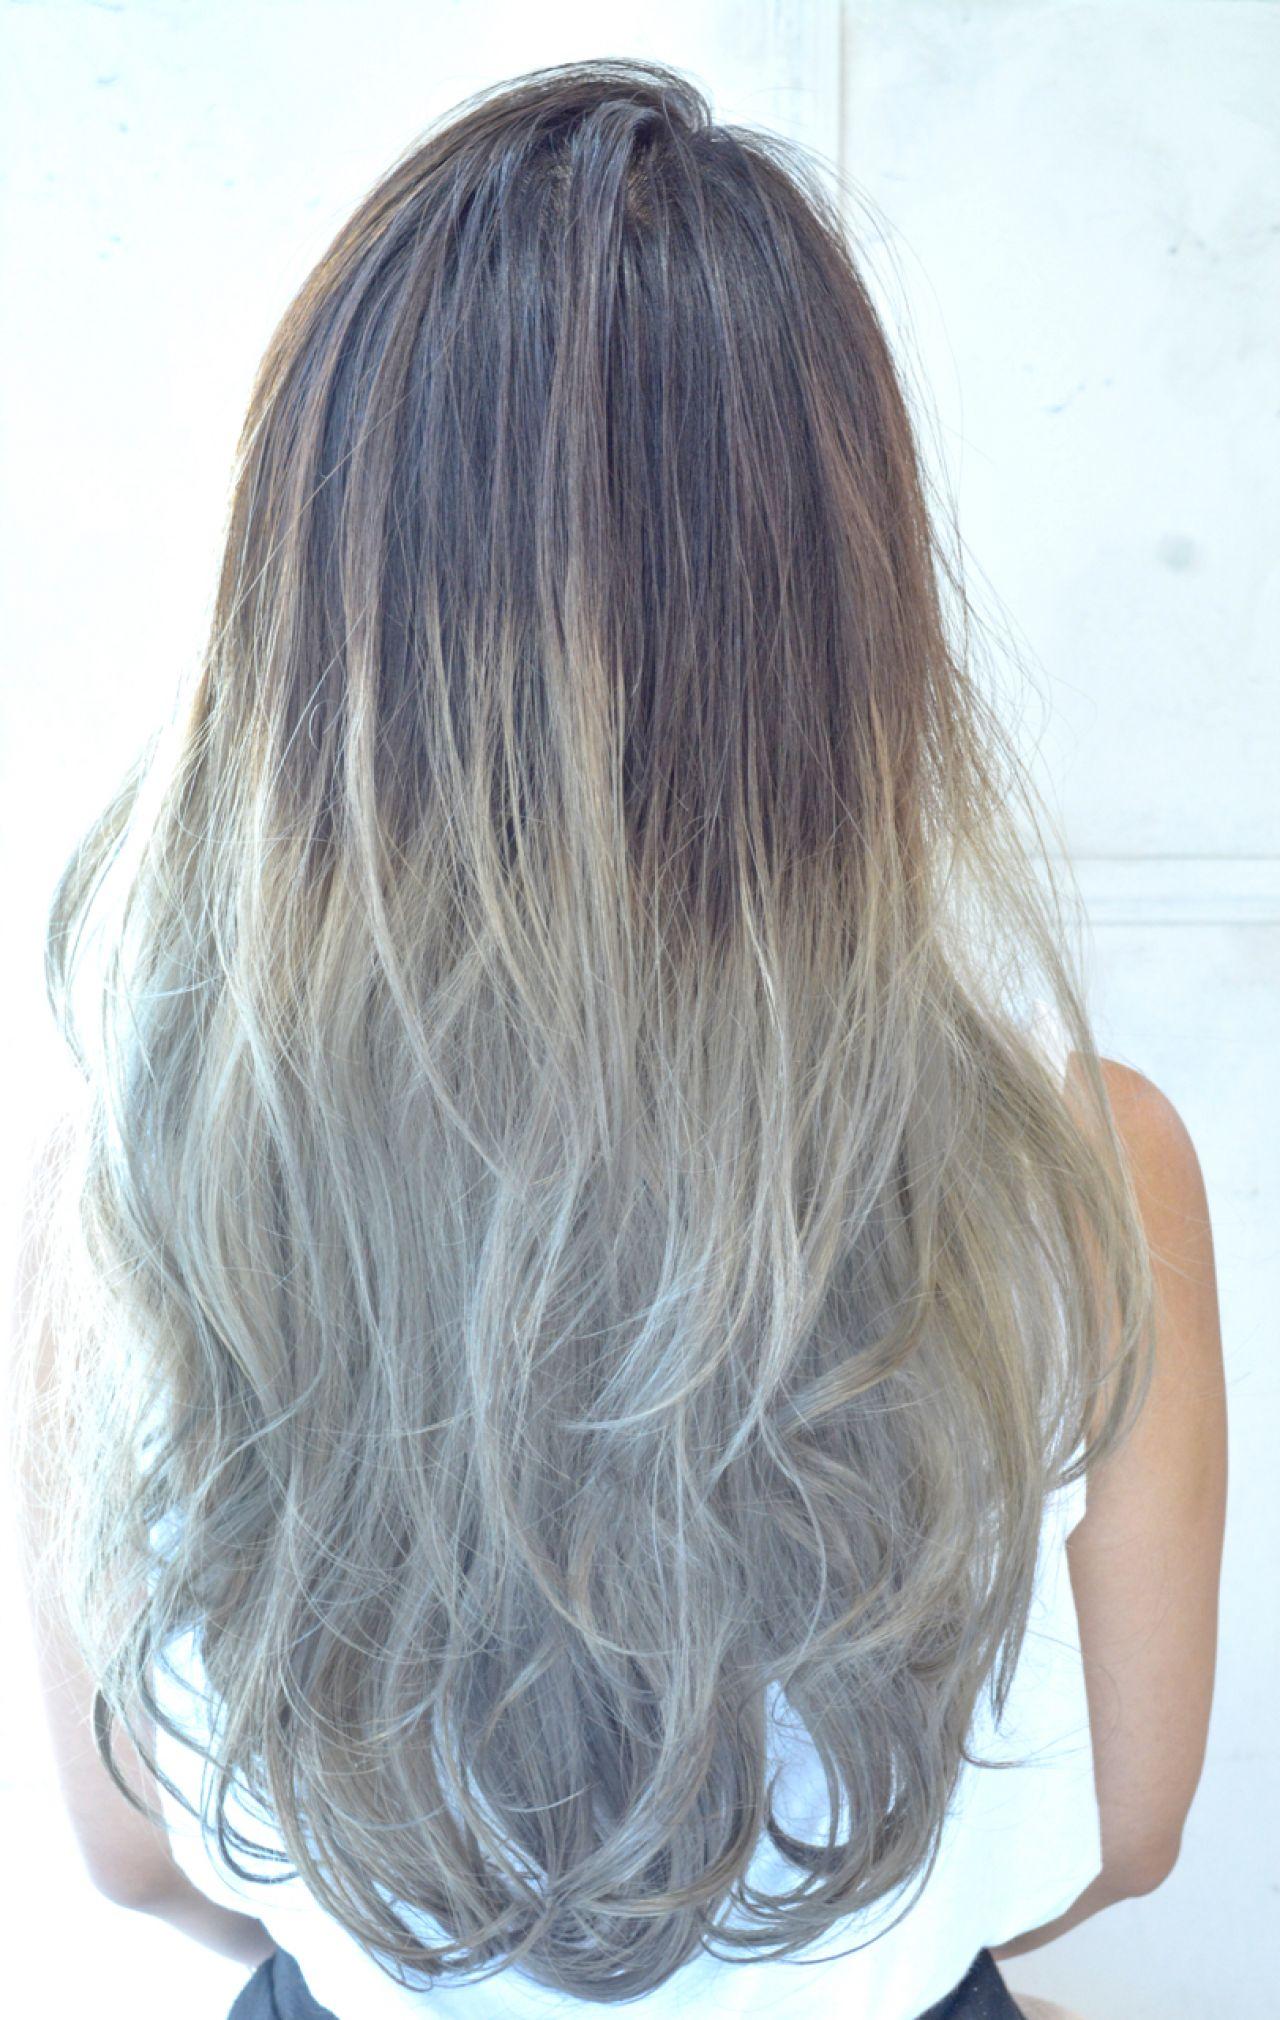 アッシュ グラデーションカラー 黒髪 ストリートヘアスタイルや髪型の写真・画像